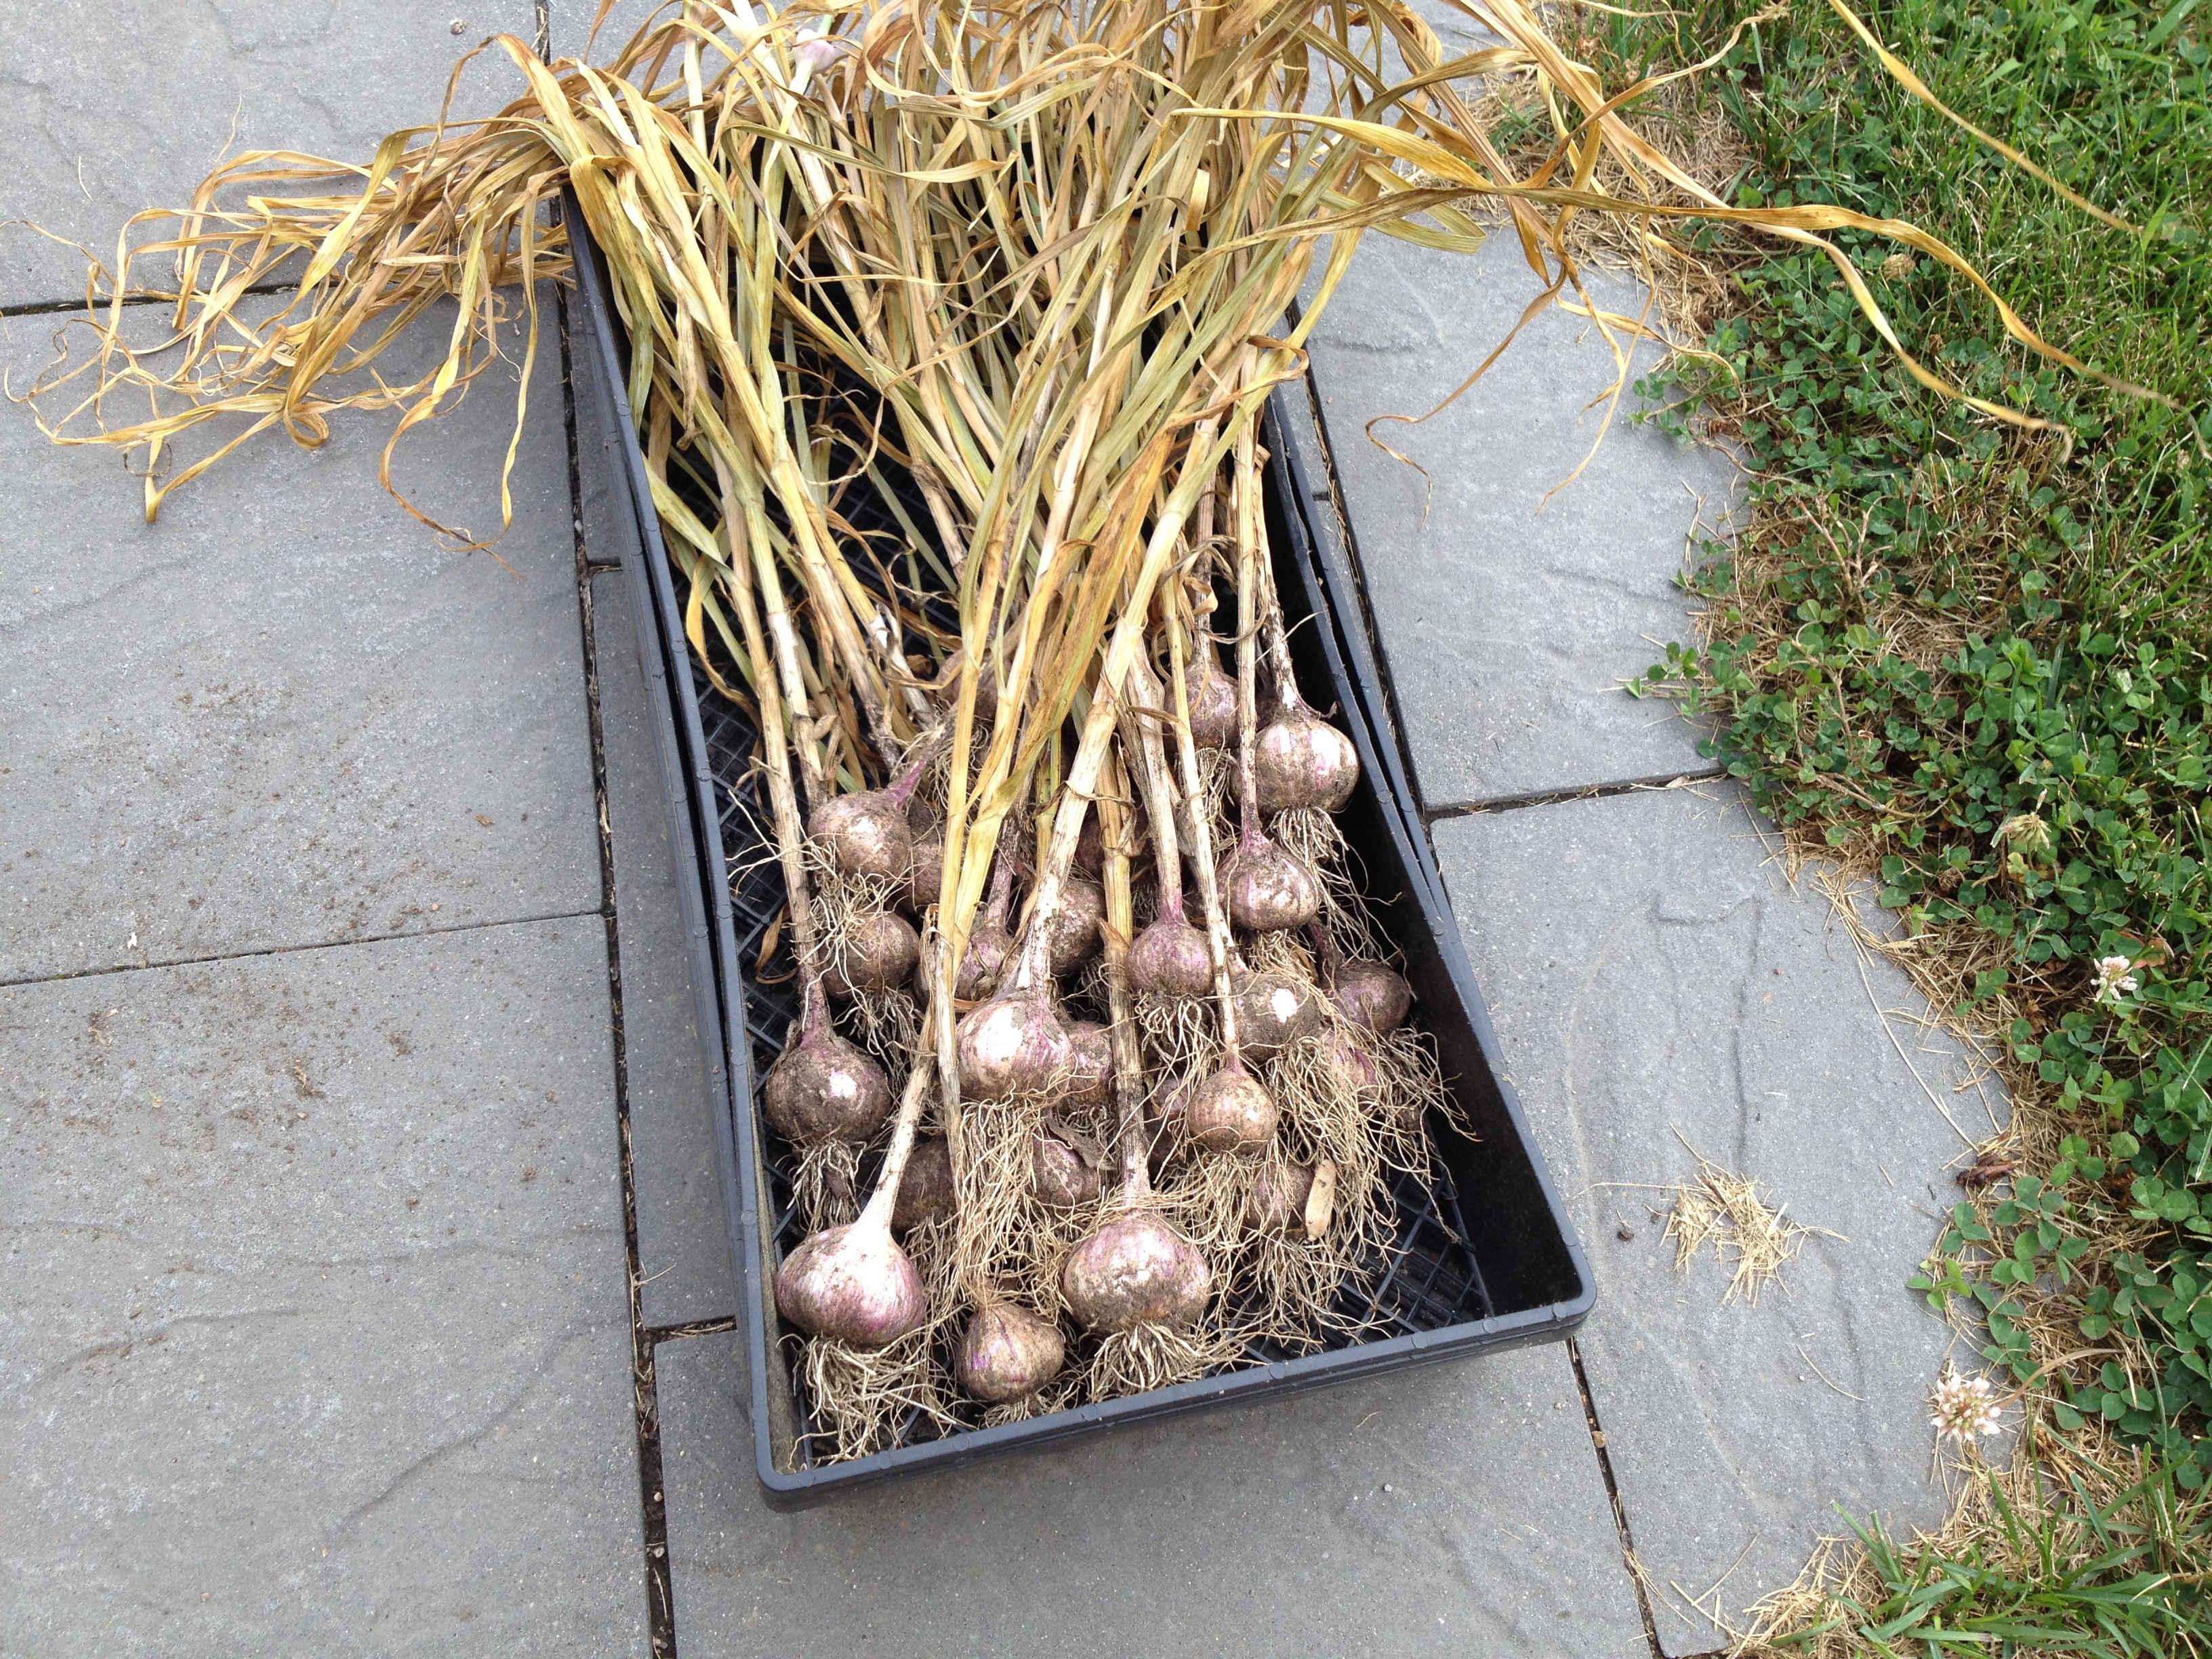 Garlic stocks